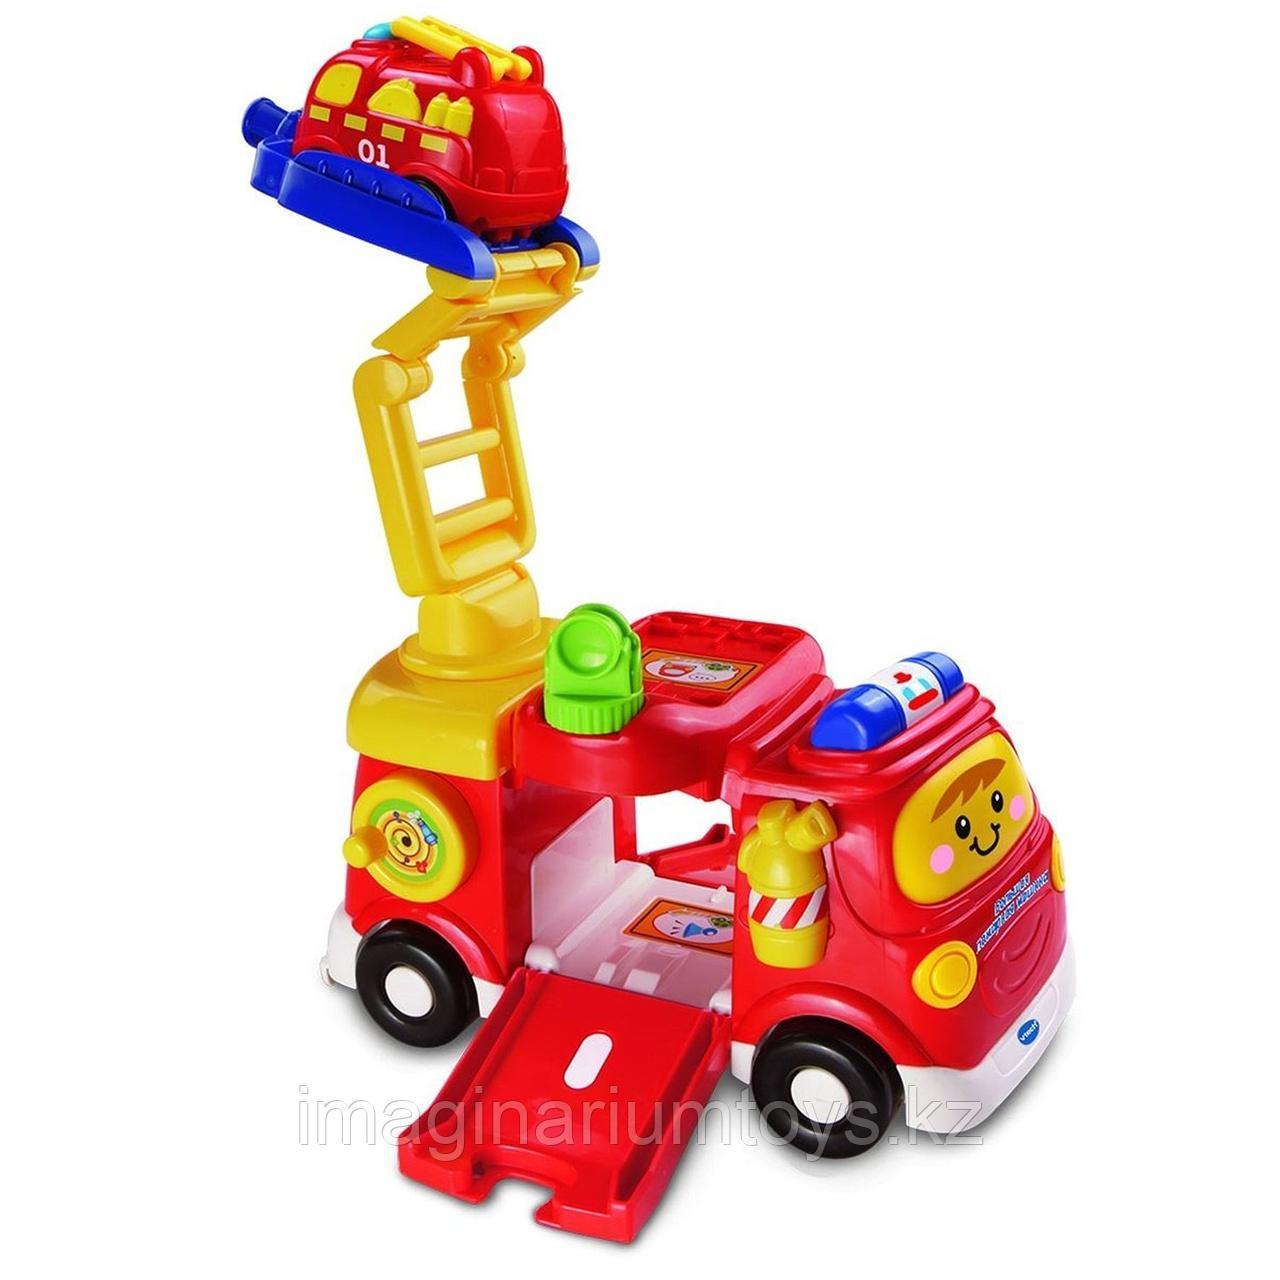 «Большая пожарная машина» интерактивная развивающая игрушка VTech